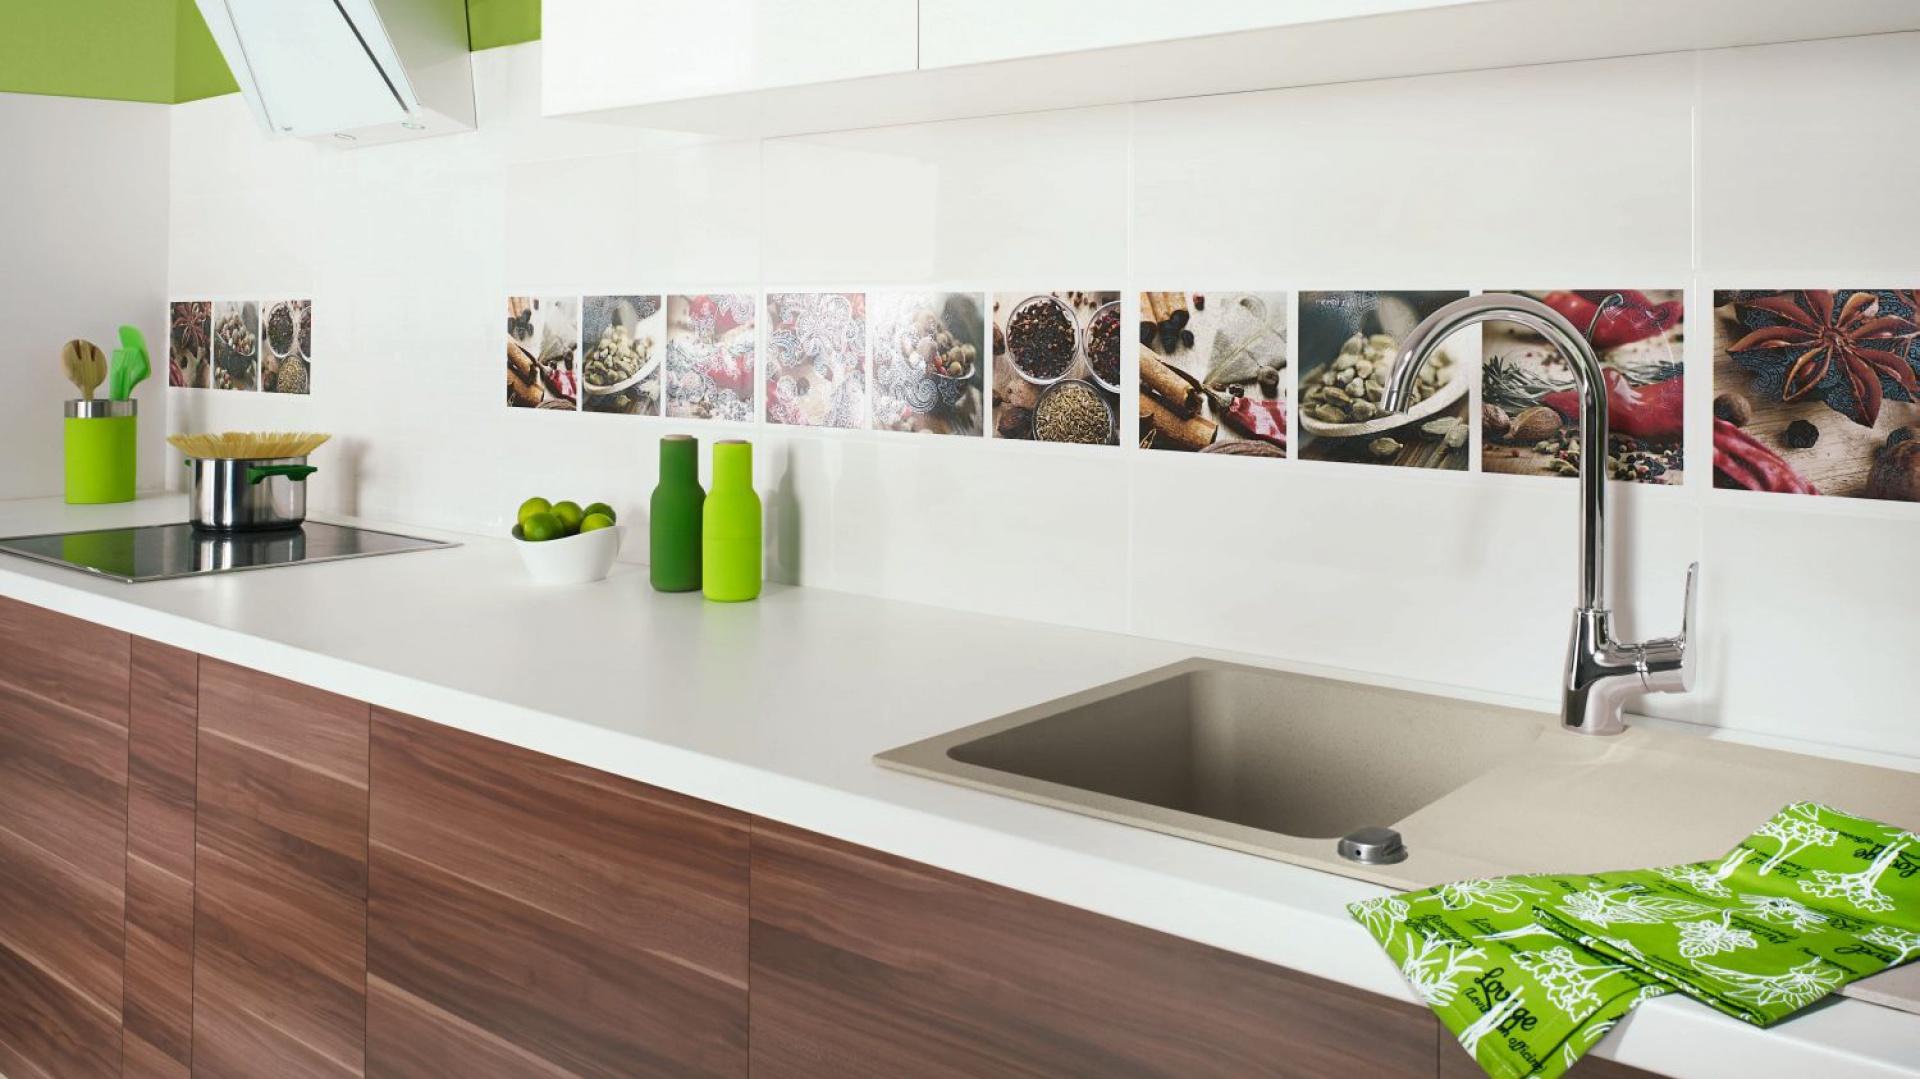 Wielobarwne inserty z Płytki do kuchni postaw na